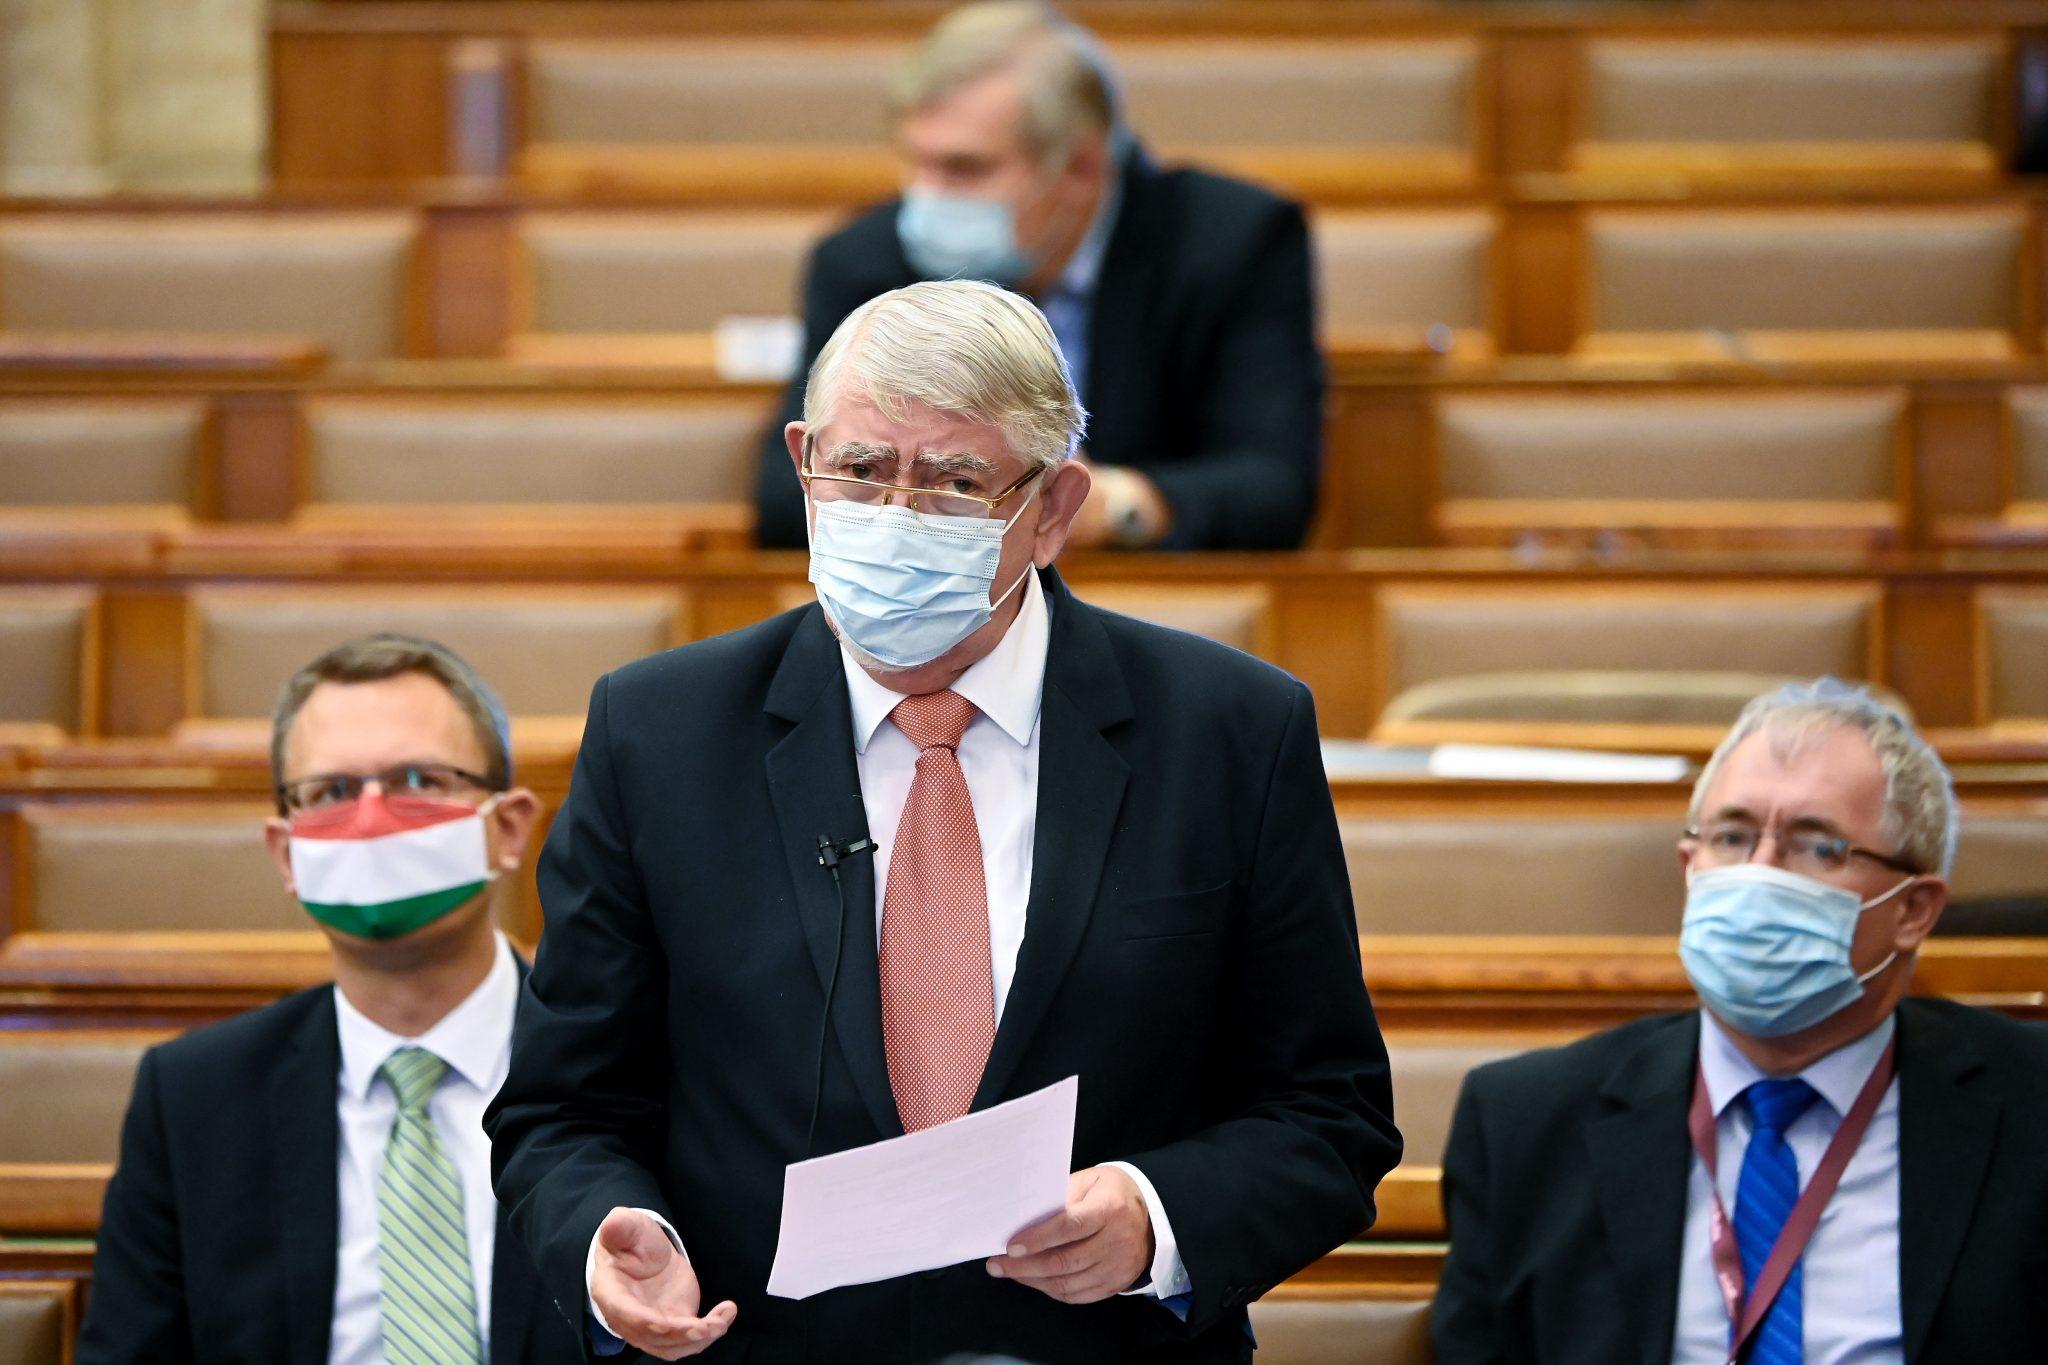 Ungarn wird voraussichtlich Anfang nächsten Jahres Impfstoffe zur Verfügung haben